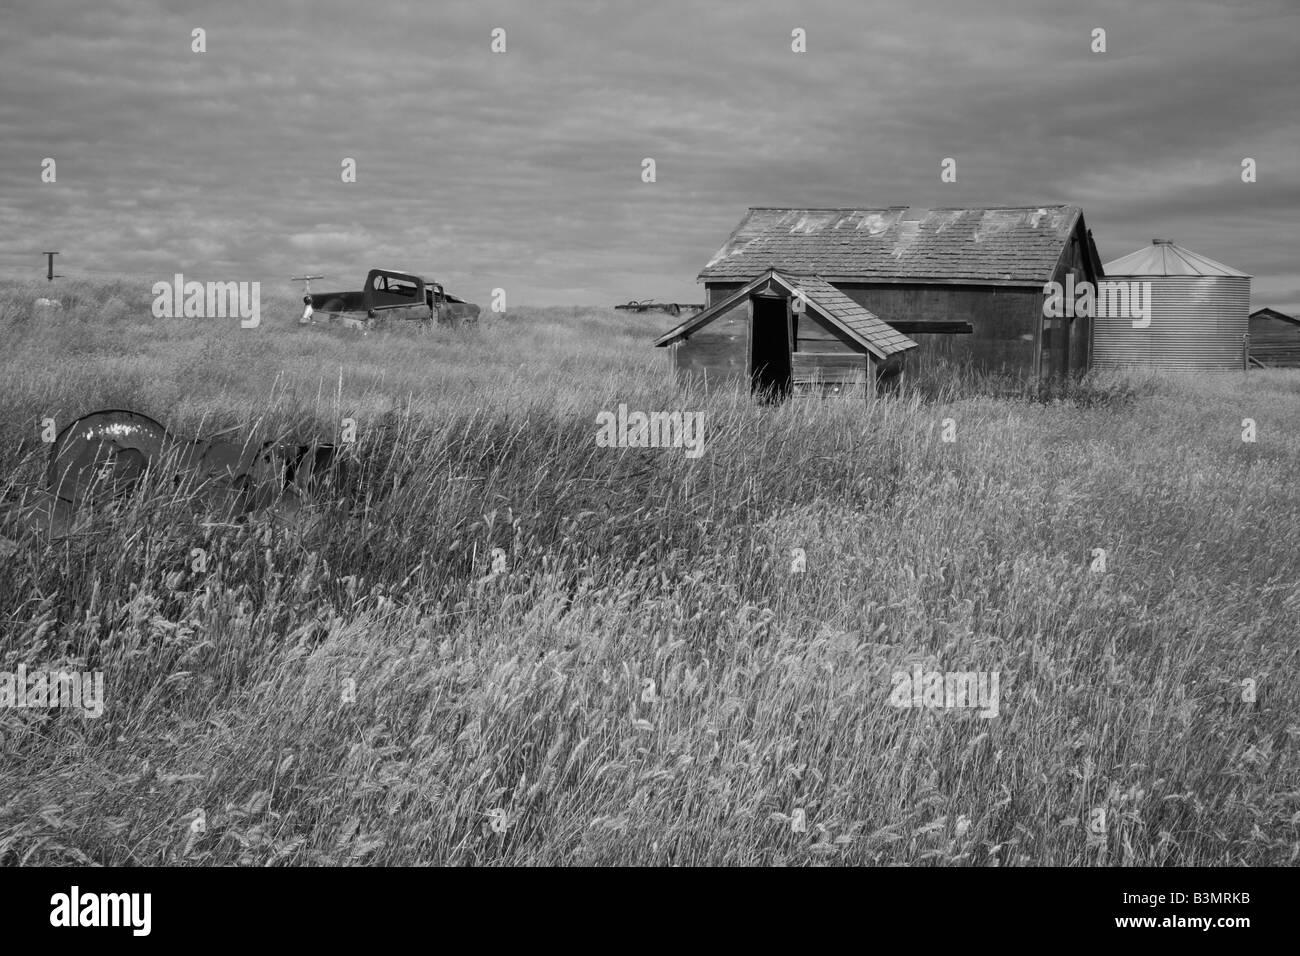 Abandoned Farm Sheds Stock Photos & Abandoned Farm Sheds